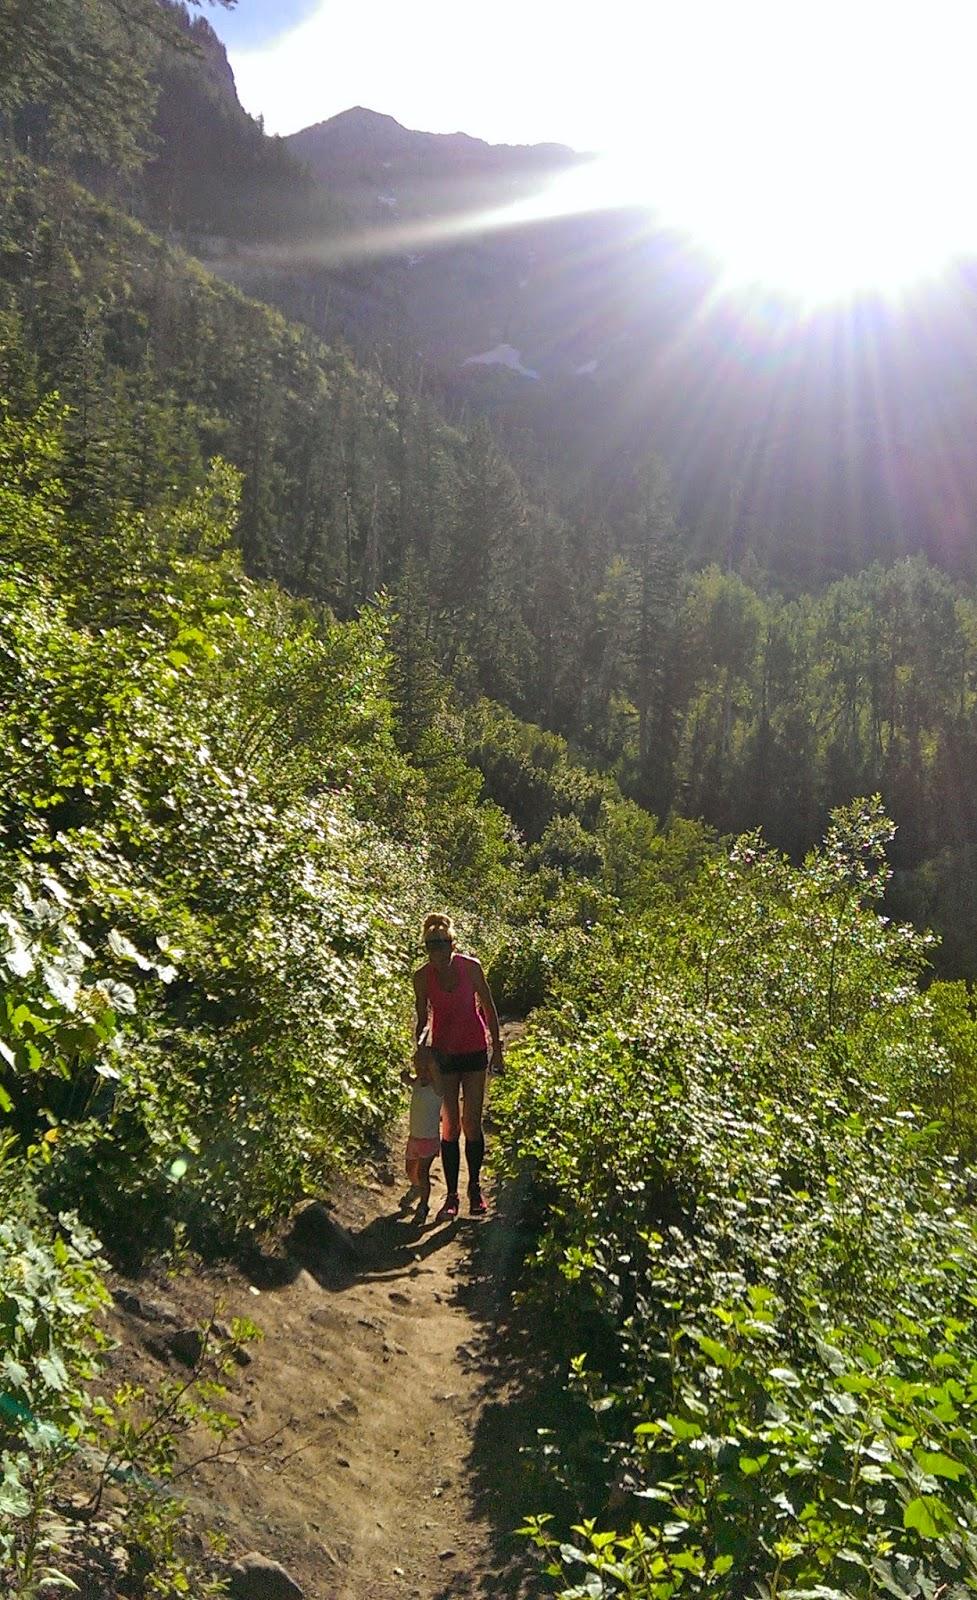 Sundance hiking